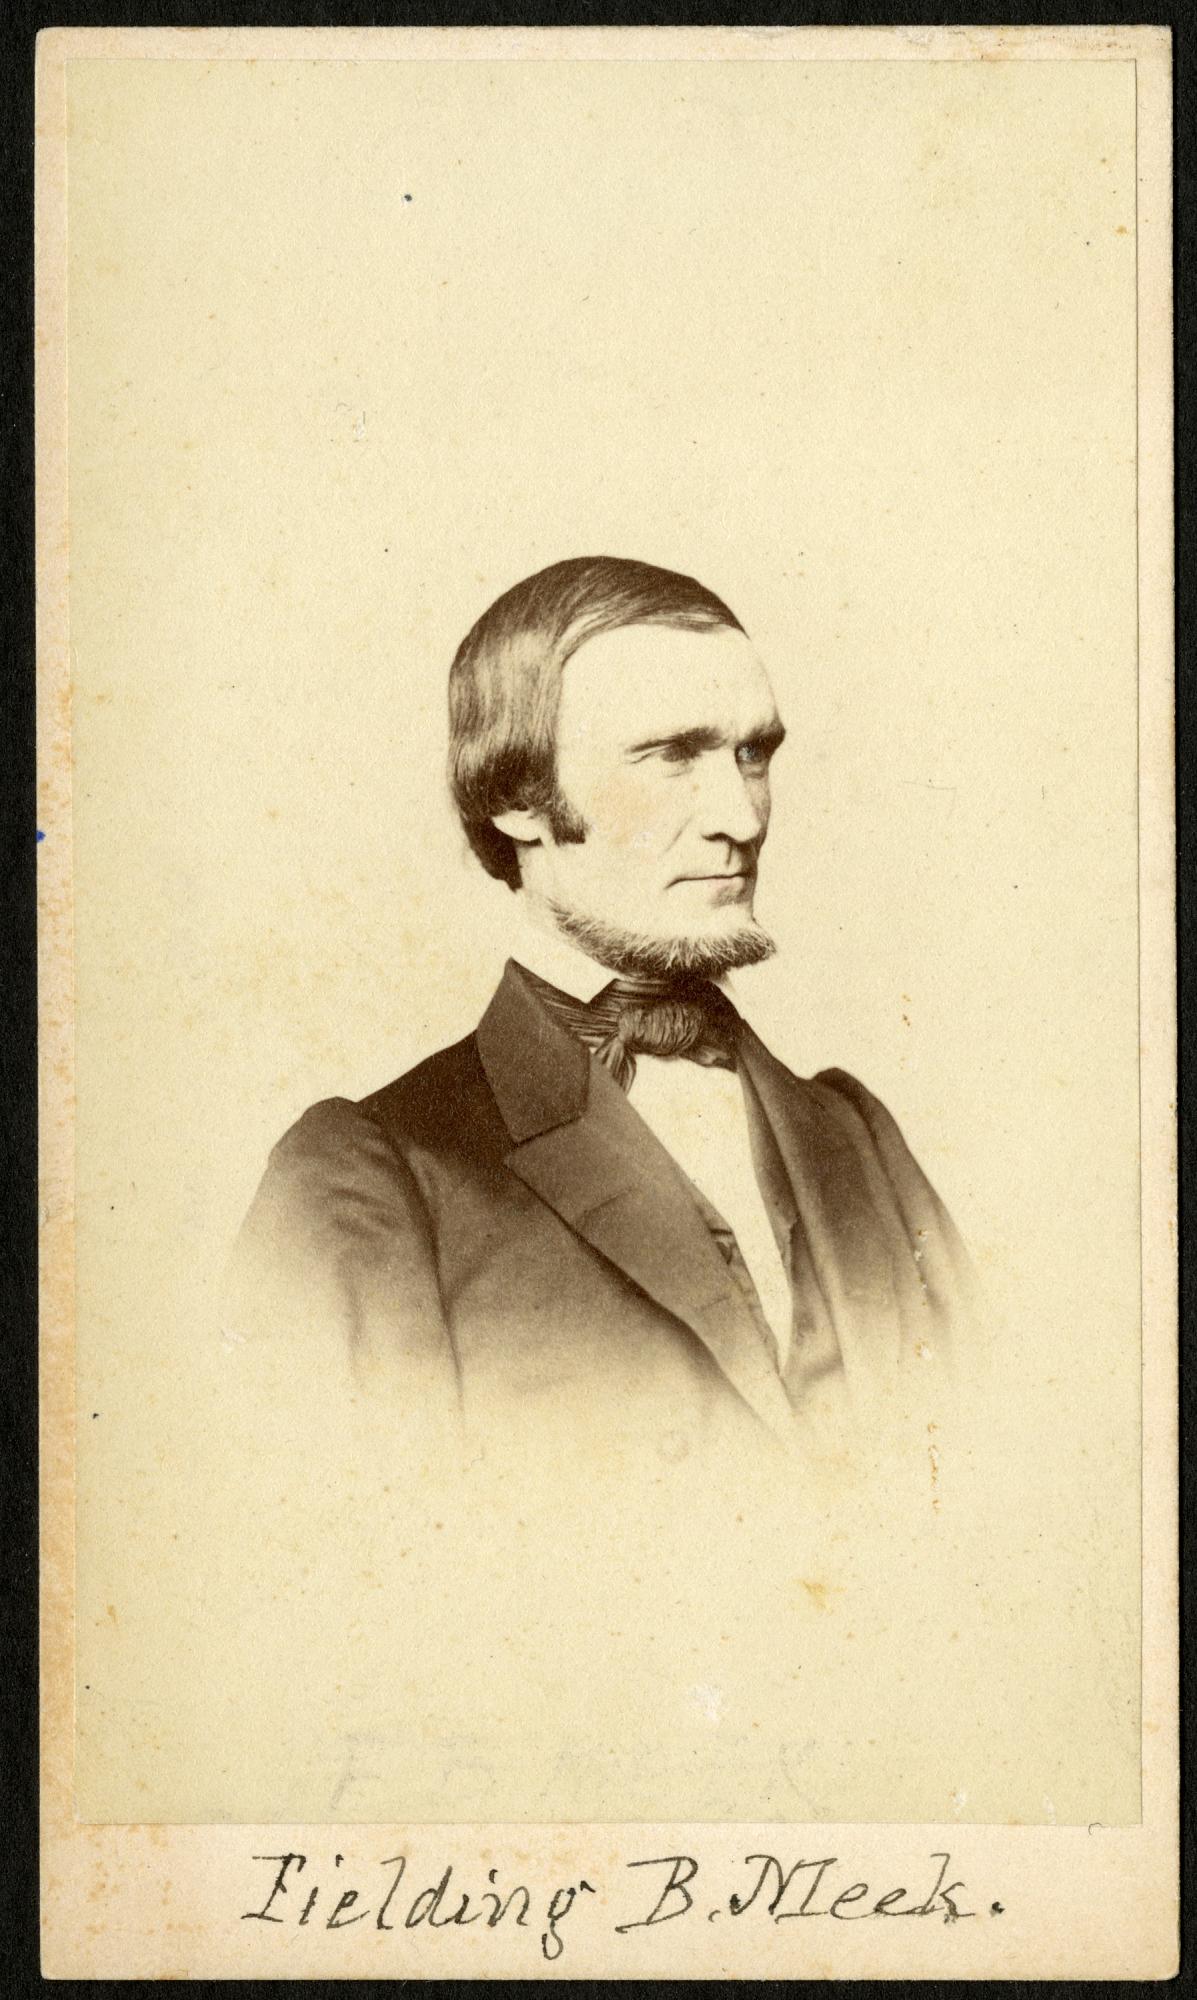 Fielding Bradford Meek (1817-1876)